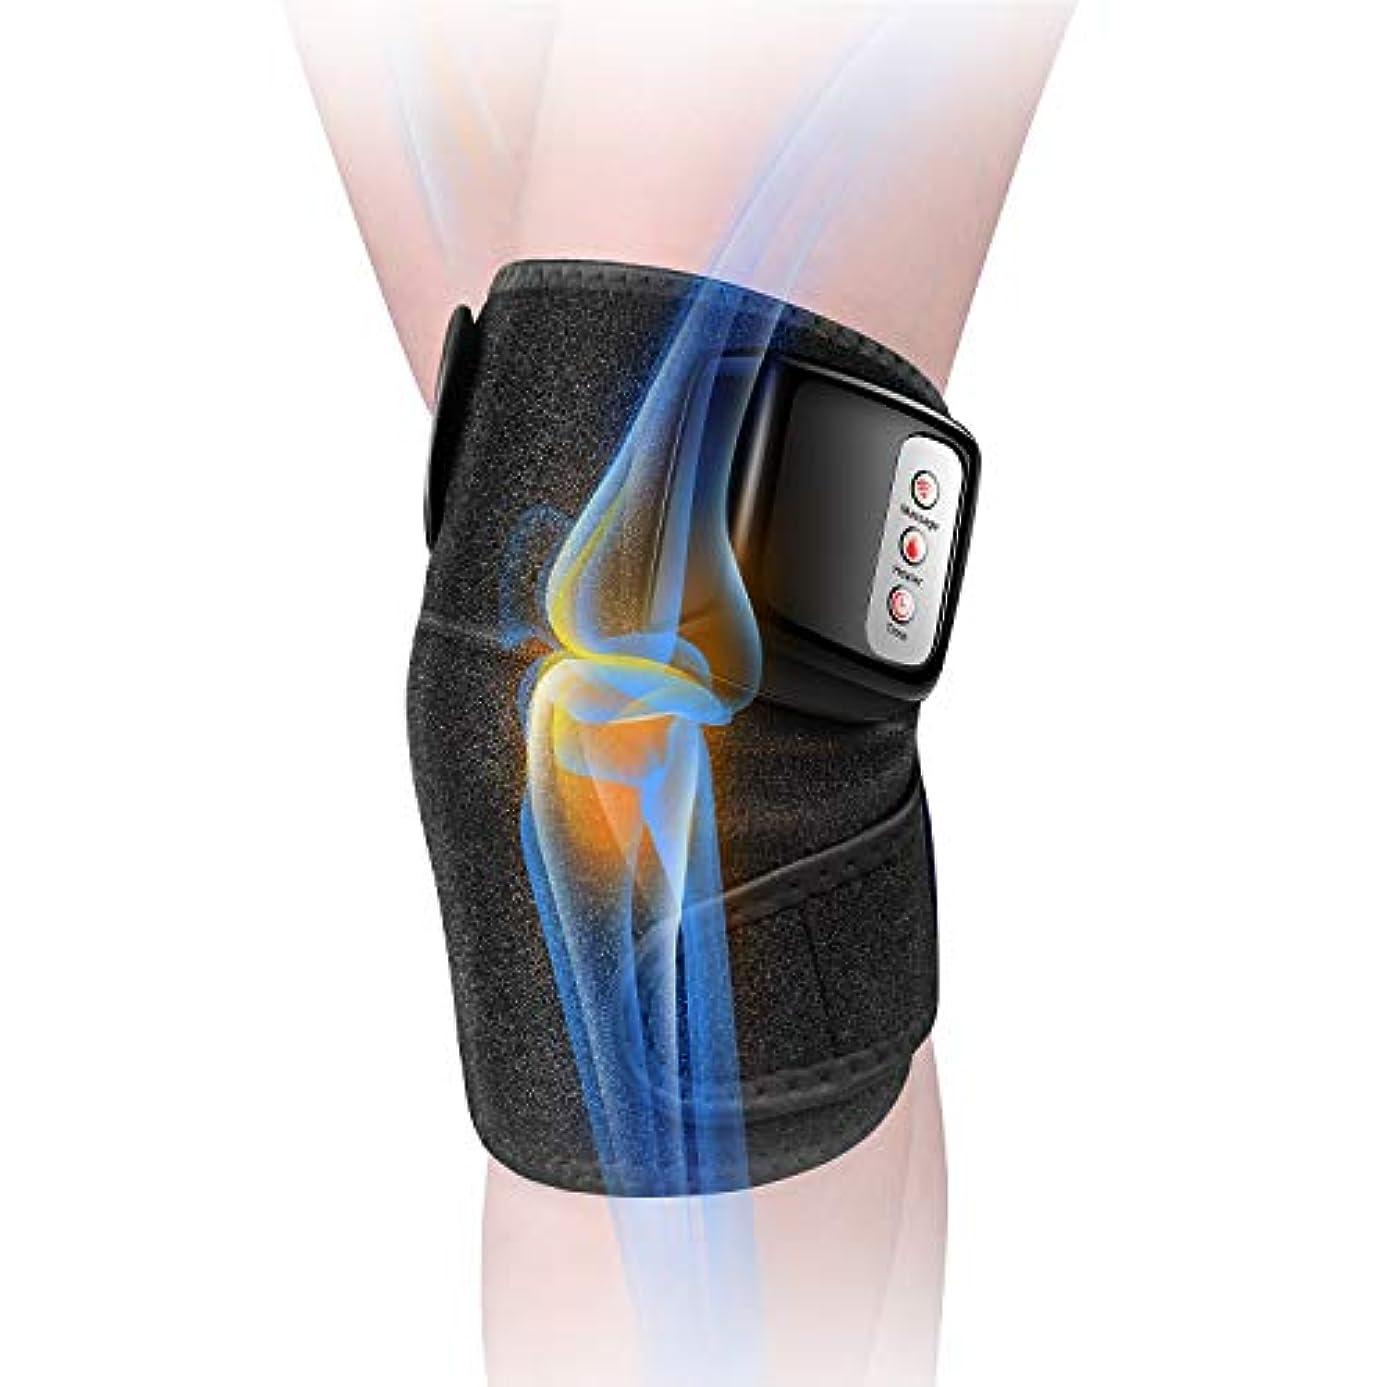 パン屋十分にさわやか膝マッサージャー 関節マッサージャー マッサージ器 フットマッサージャー 振動 赤外線療法 温熱療法 膝サポーター ストレス解消 肩 太もも/腕対応